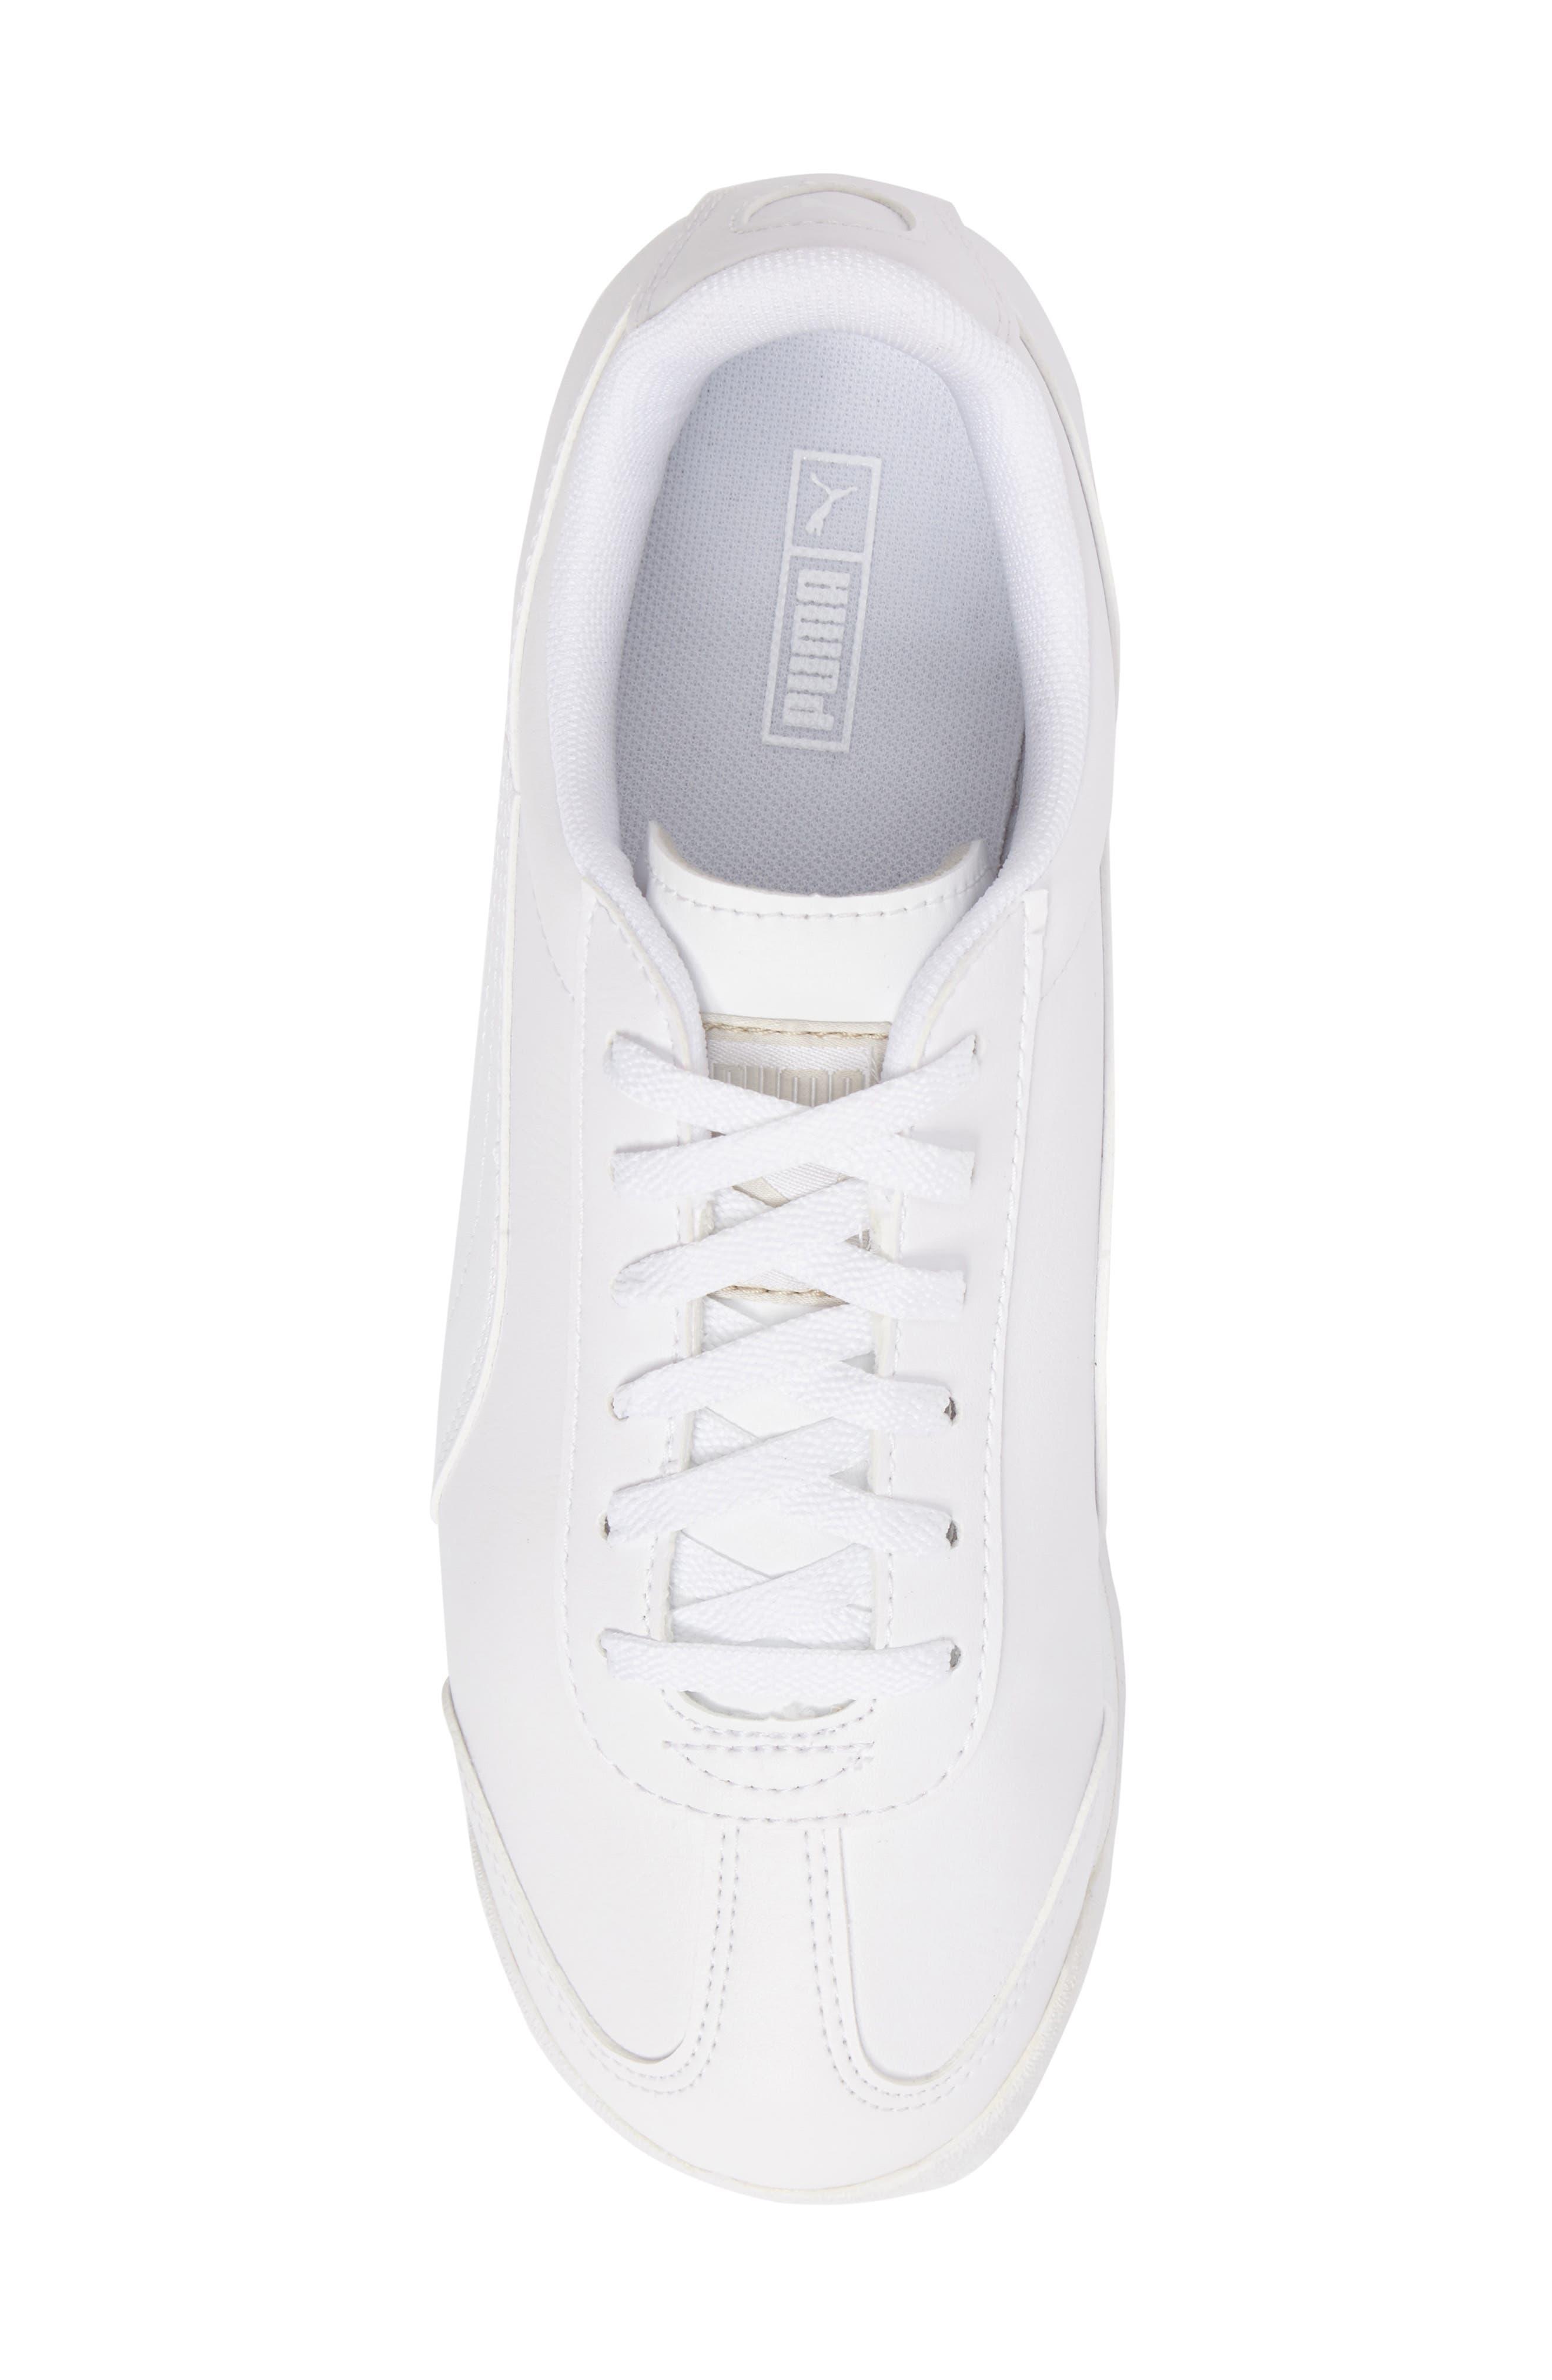 Roma Basic Sneaker,                             Alternate thumbnail 5, color,                             White/ Light Grey